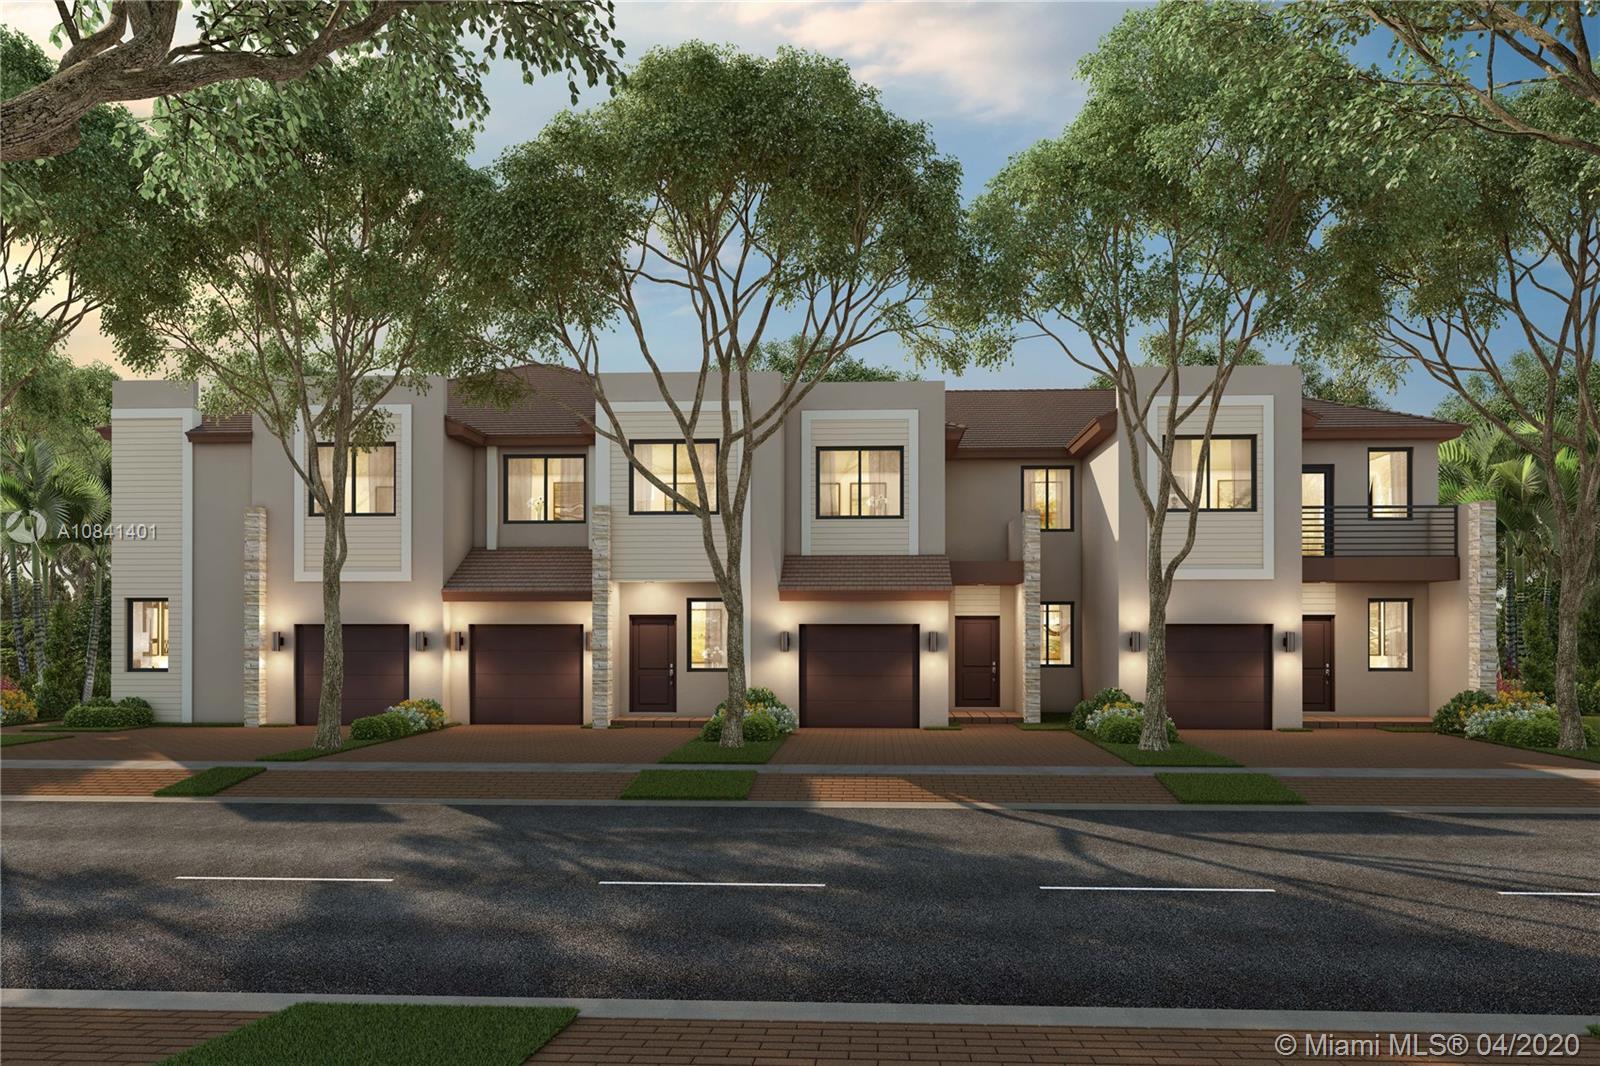 21400 NE 2 CT, Miami, FL 33179 - Miami, FL real estate listing